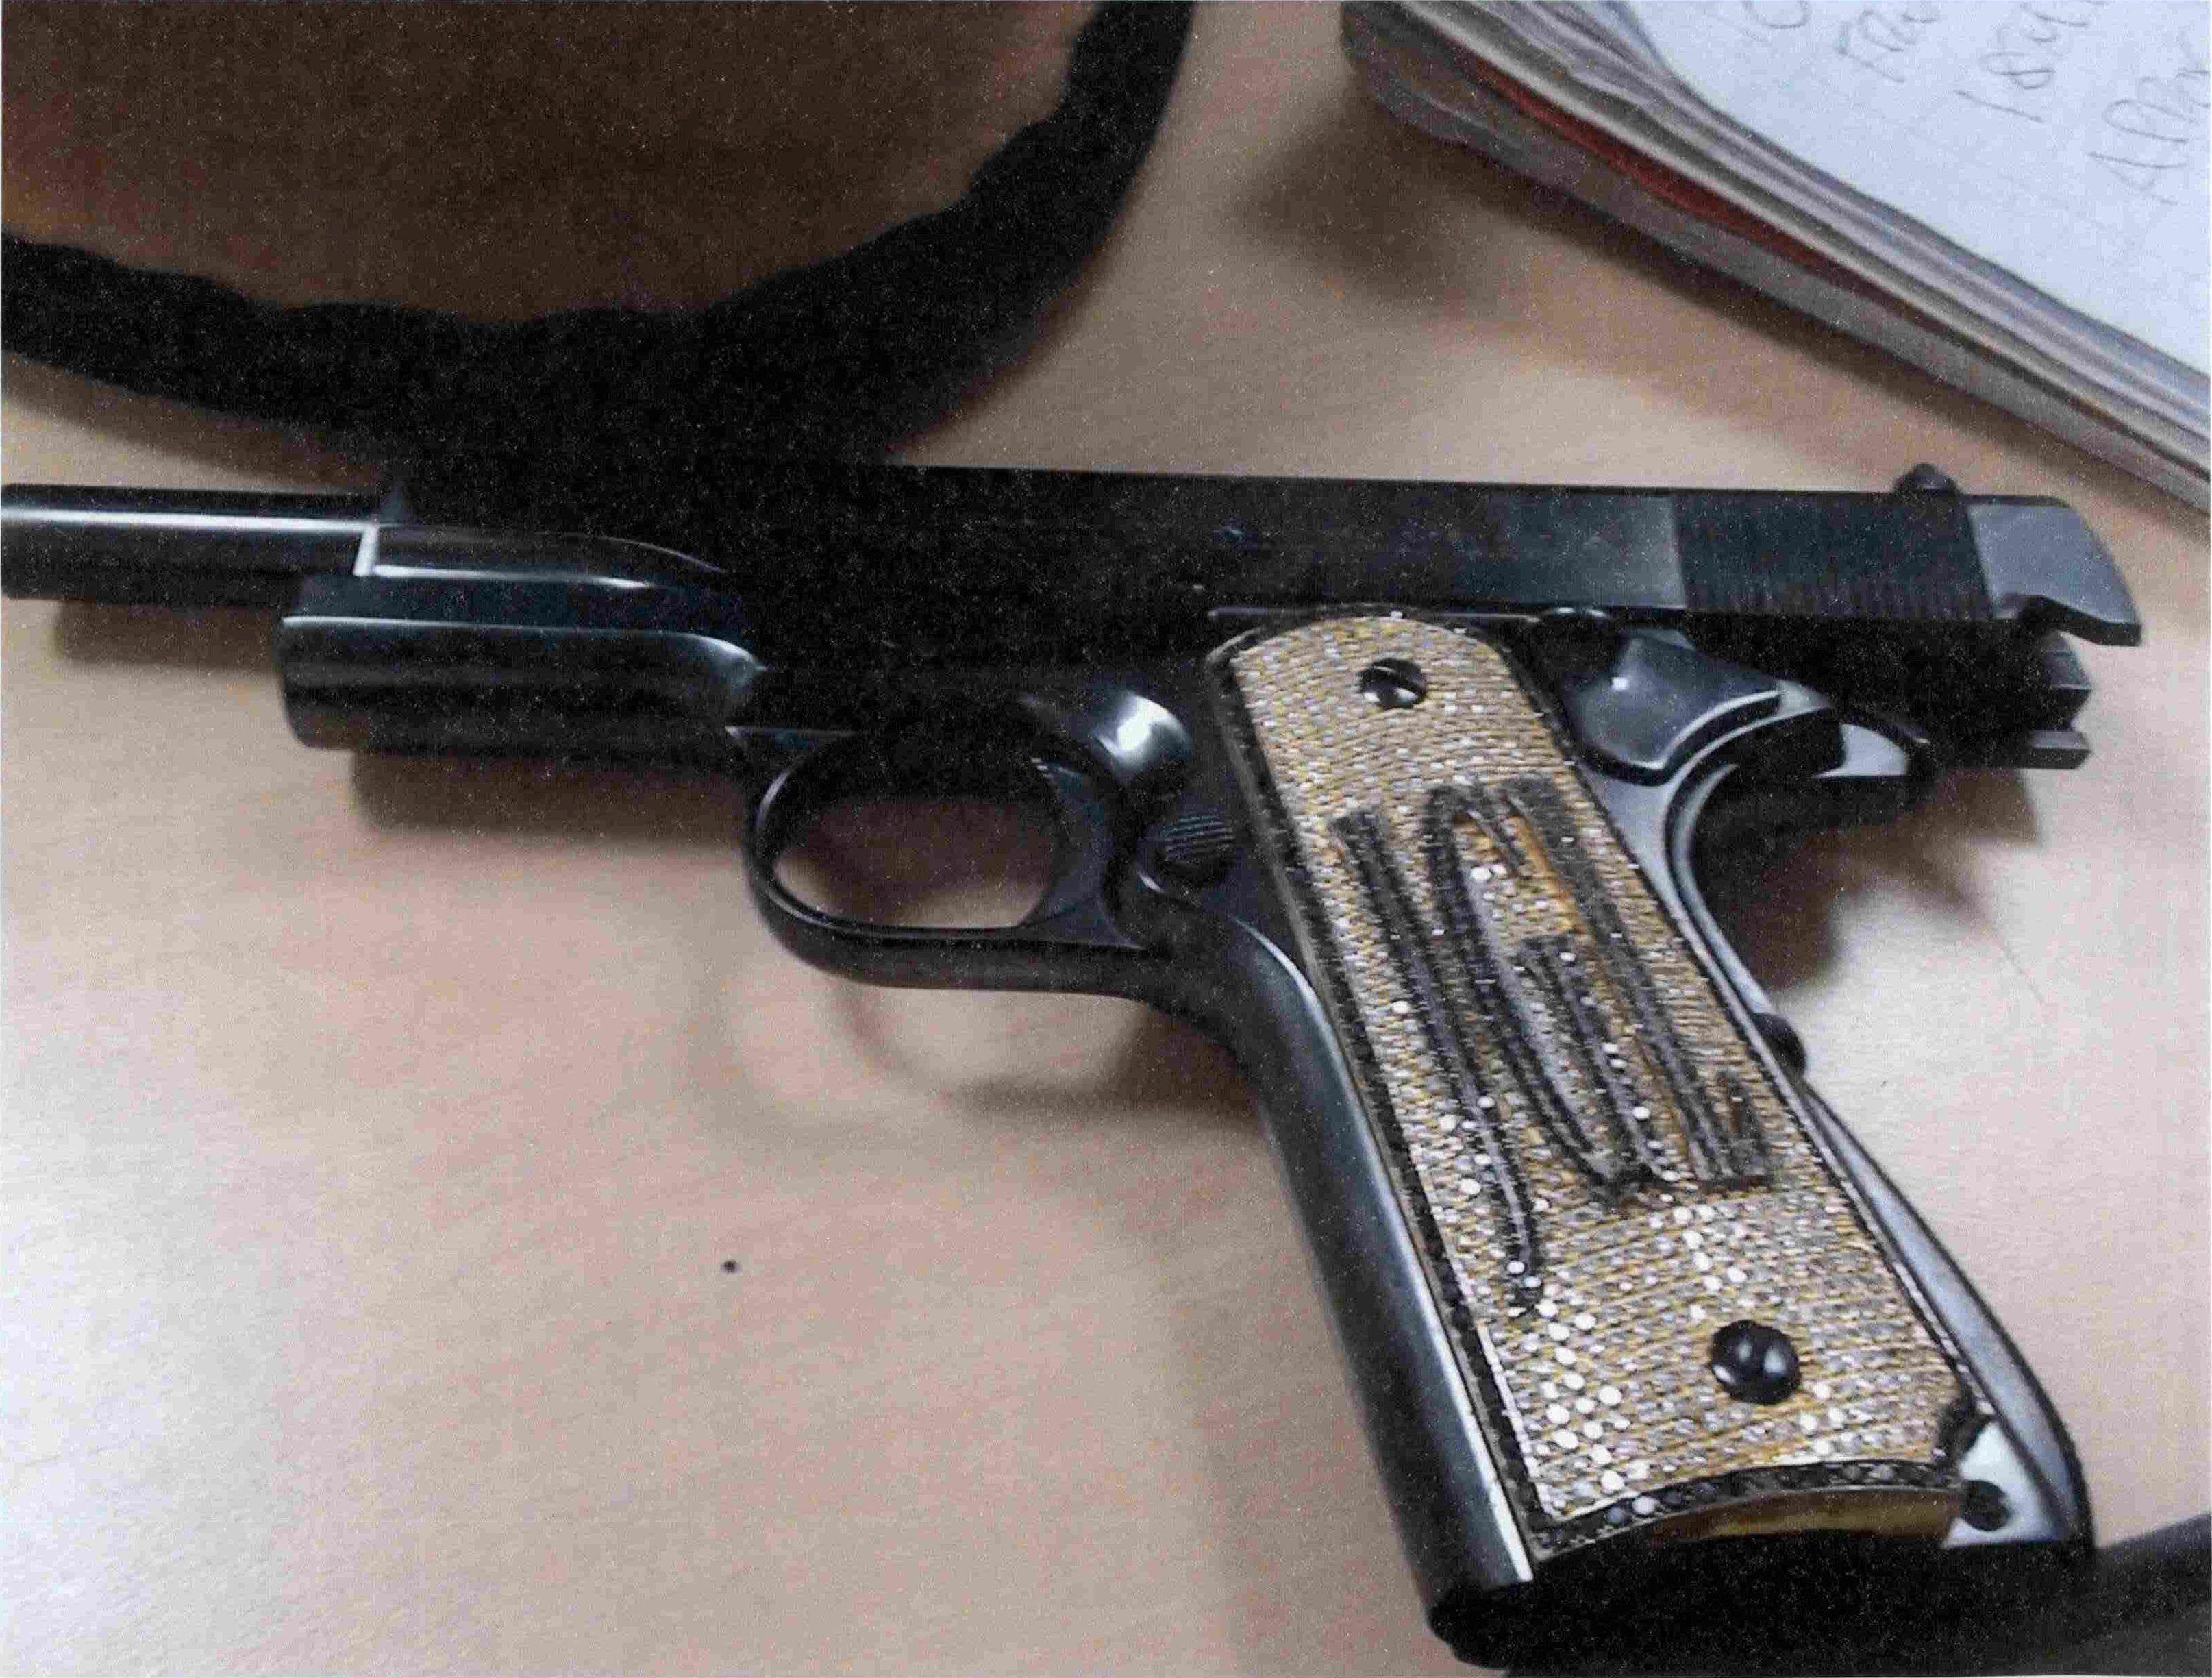 El arma de El Chapo Guzmán que se exhibió durante su juicio (Foto: Reuters)